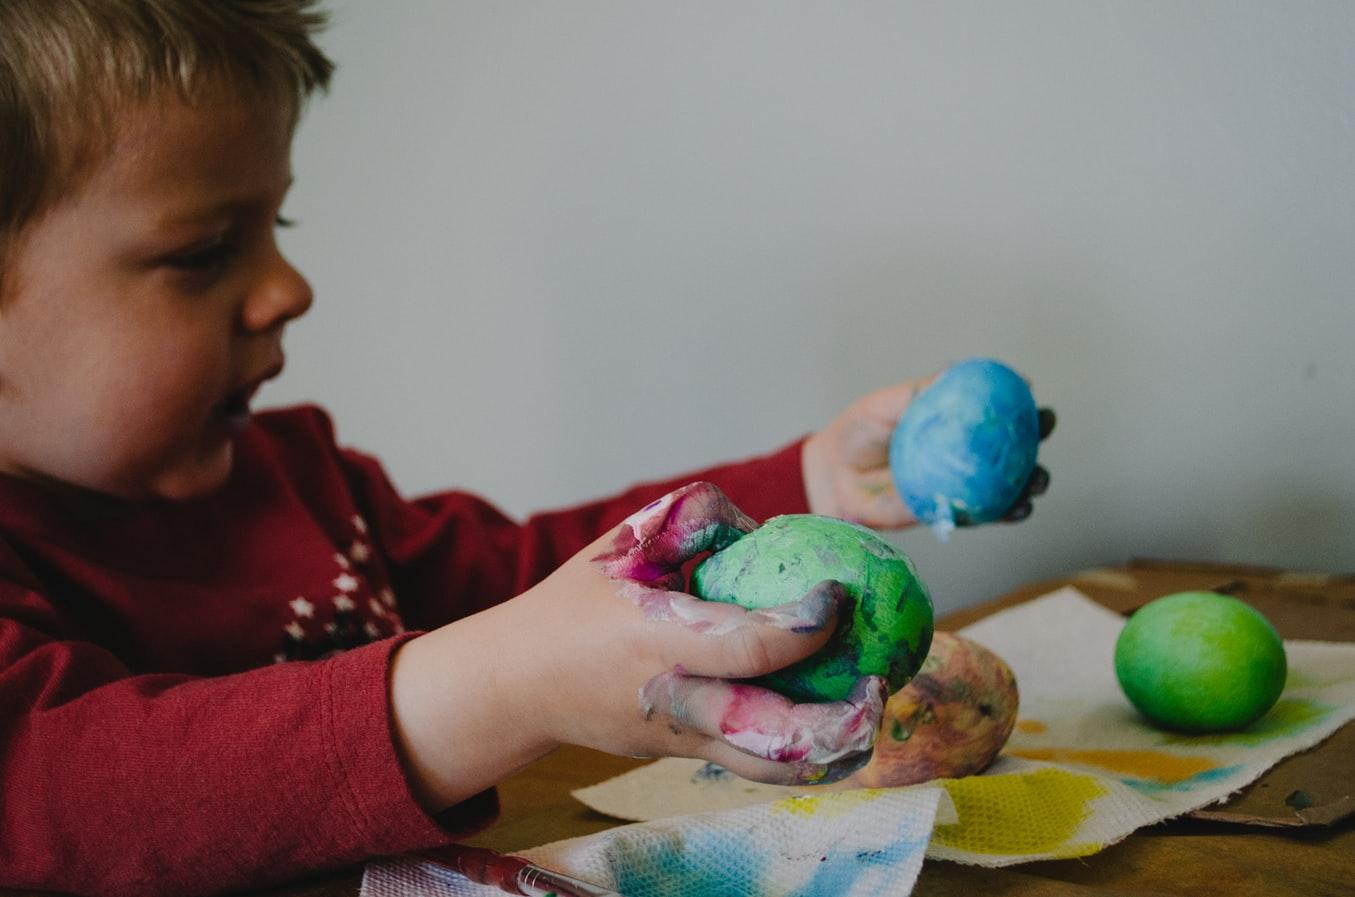 Rozvoj jemnej motoriky môžete podporiť rôznymi aktivitami, ktoré vyžadujú, aby dieťa používalo úchop, prsty i celé zápästie. / Zdroj: Unsplash